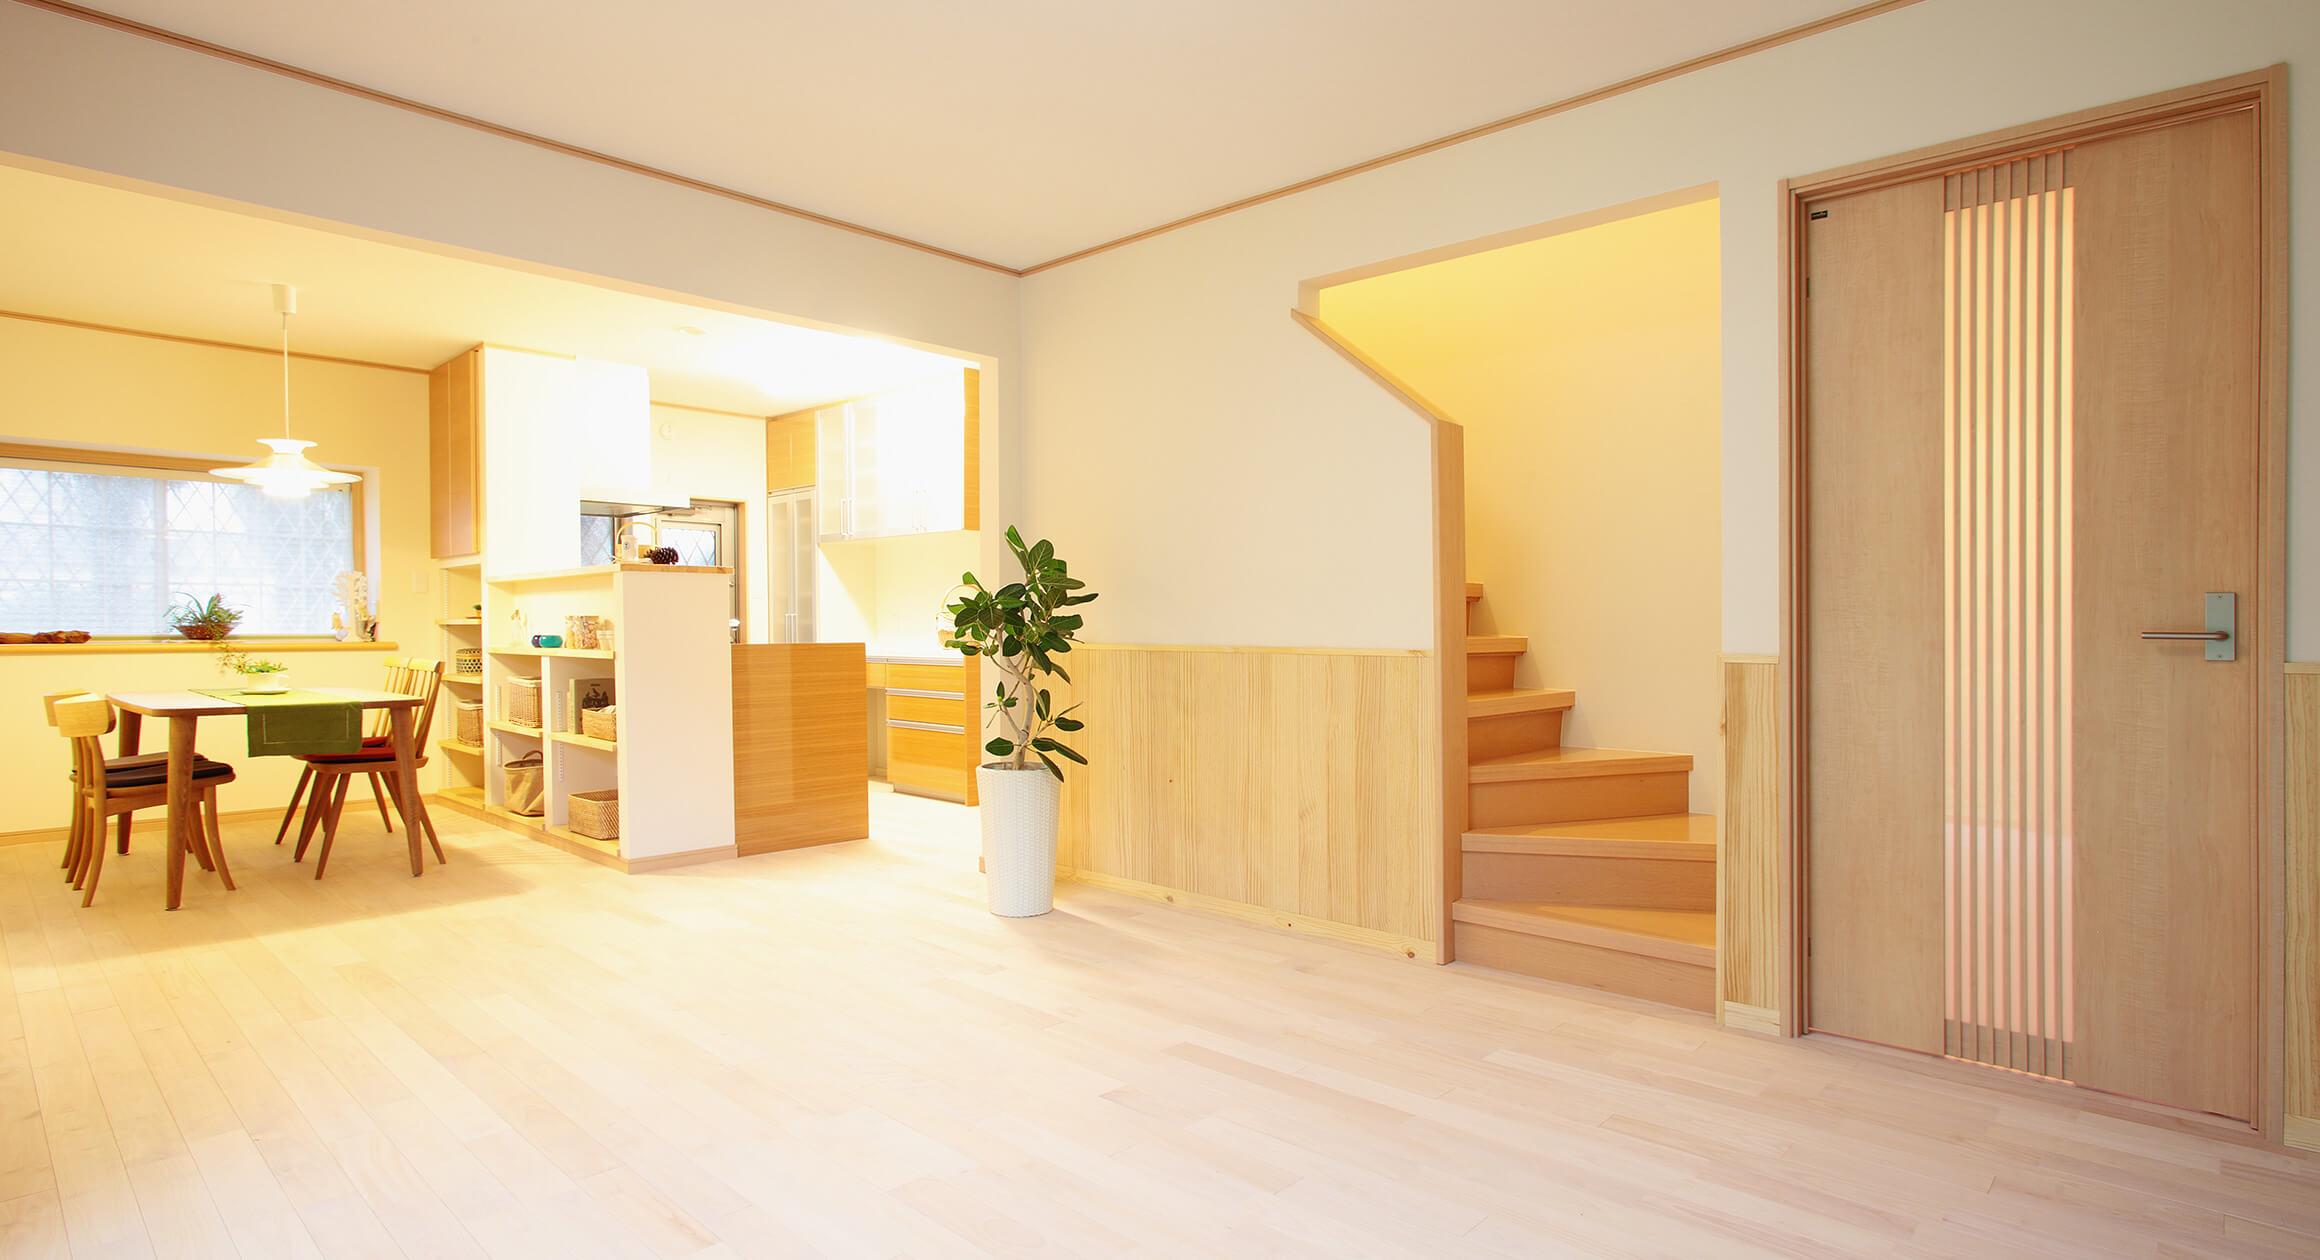 三友工務店のリフォーム・リノベーション事例 熊本市N様邸